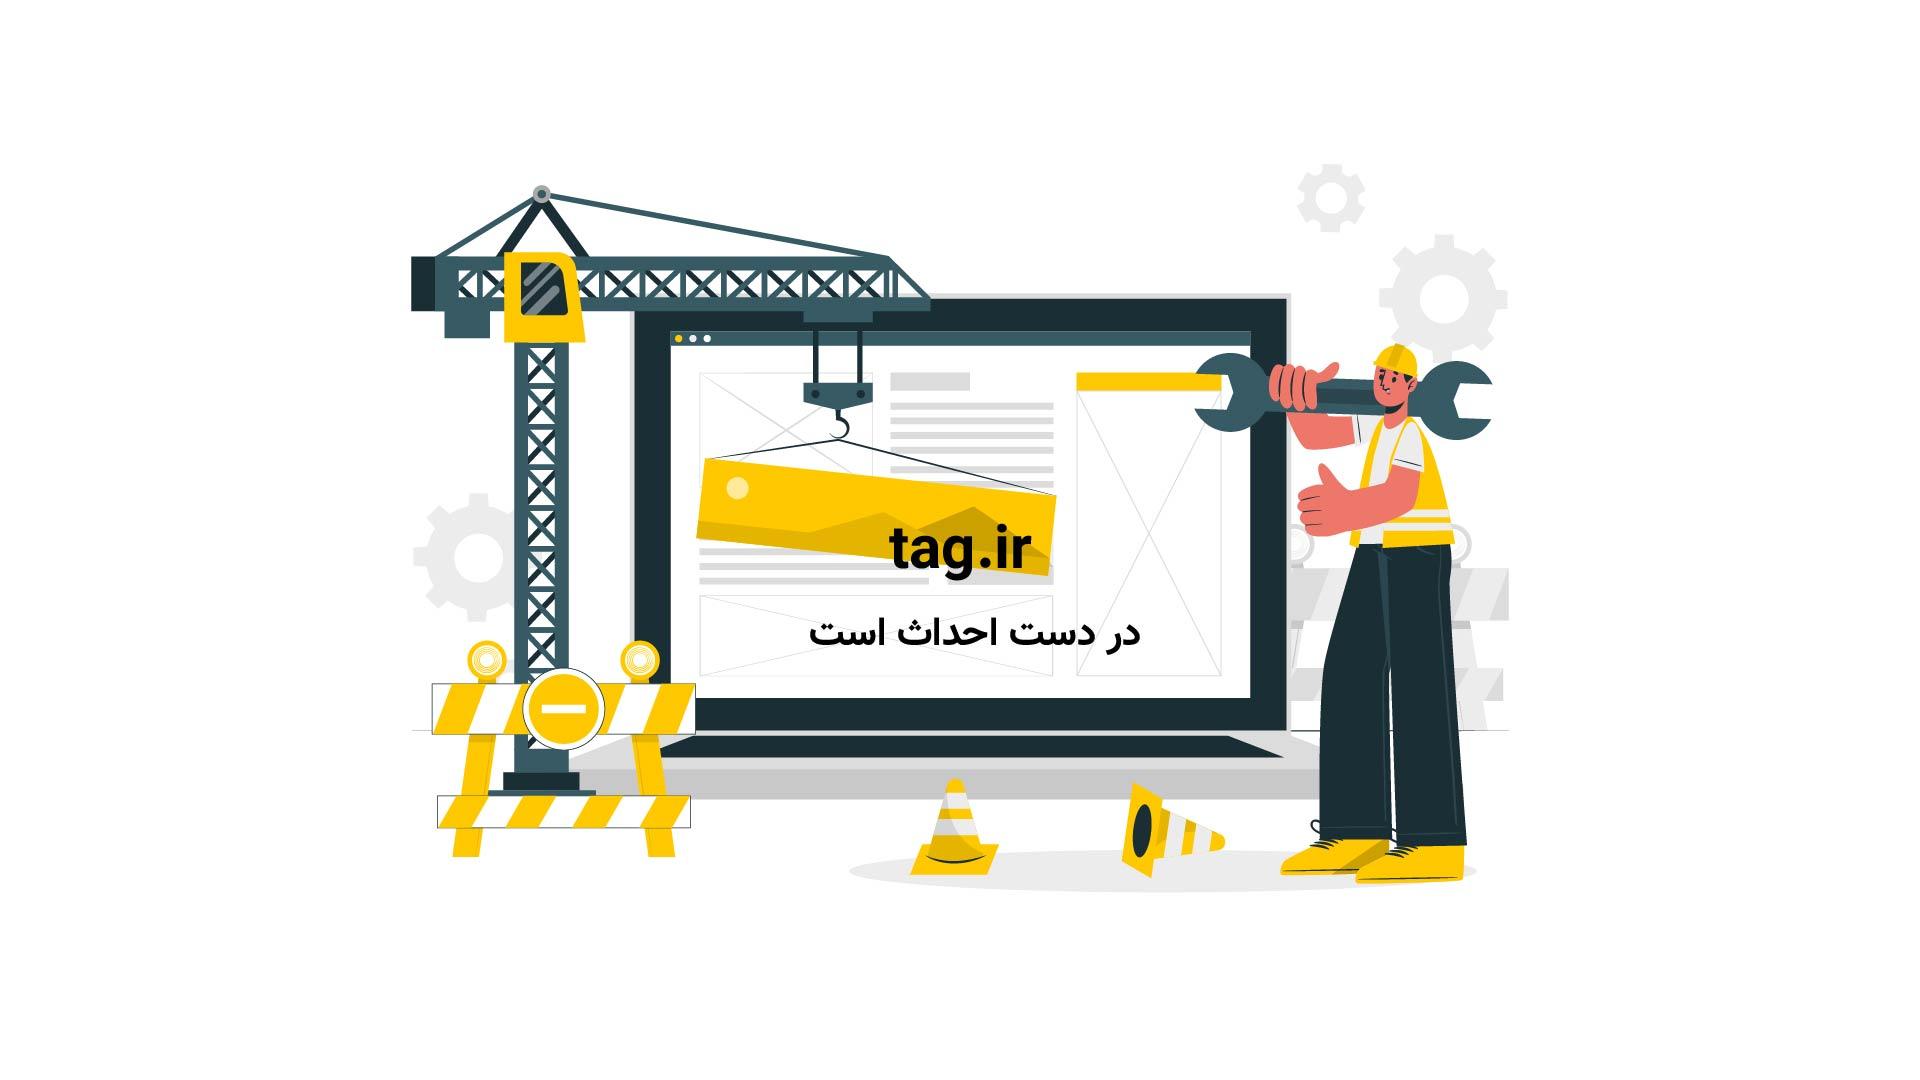 آرامگاه ابوعلی سینا در شهر همدان | فیلم